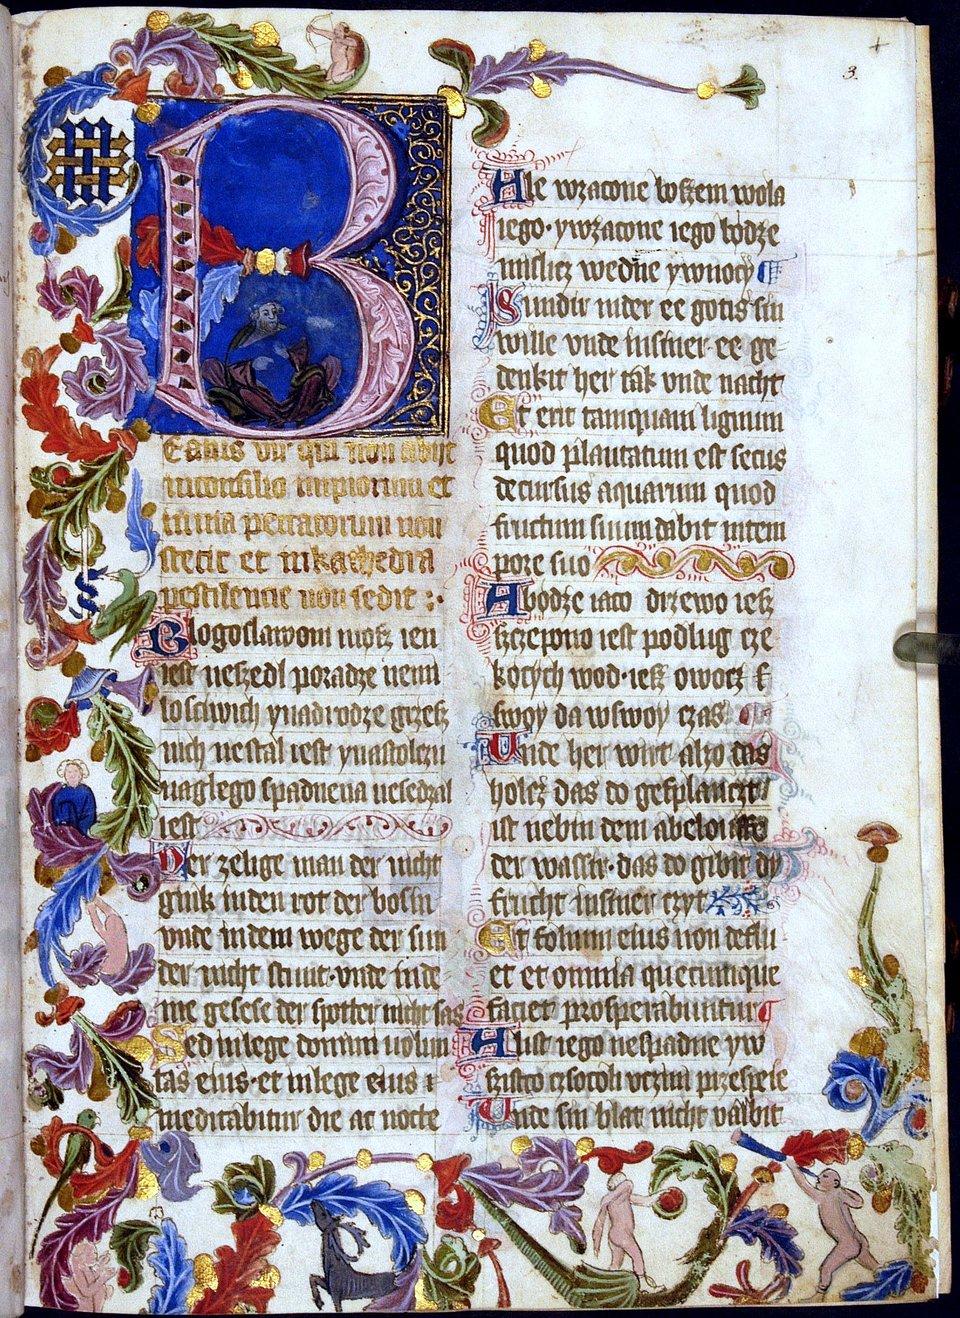 Na zdjęciu przedstawiona została strona Psałterza floriańskiego